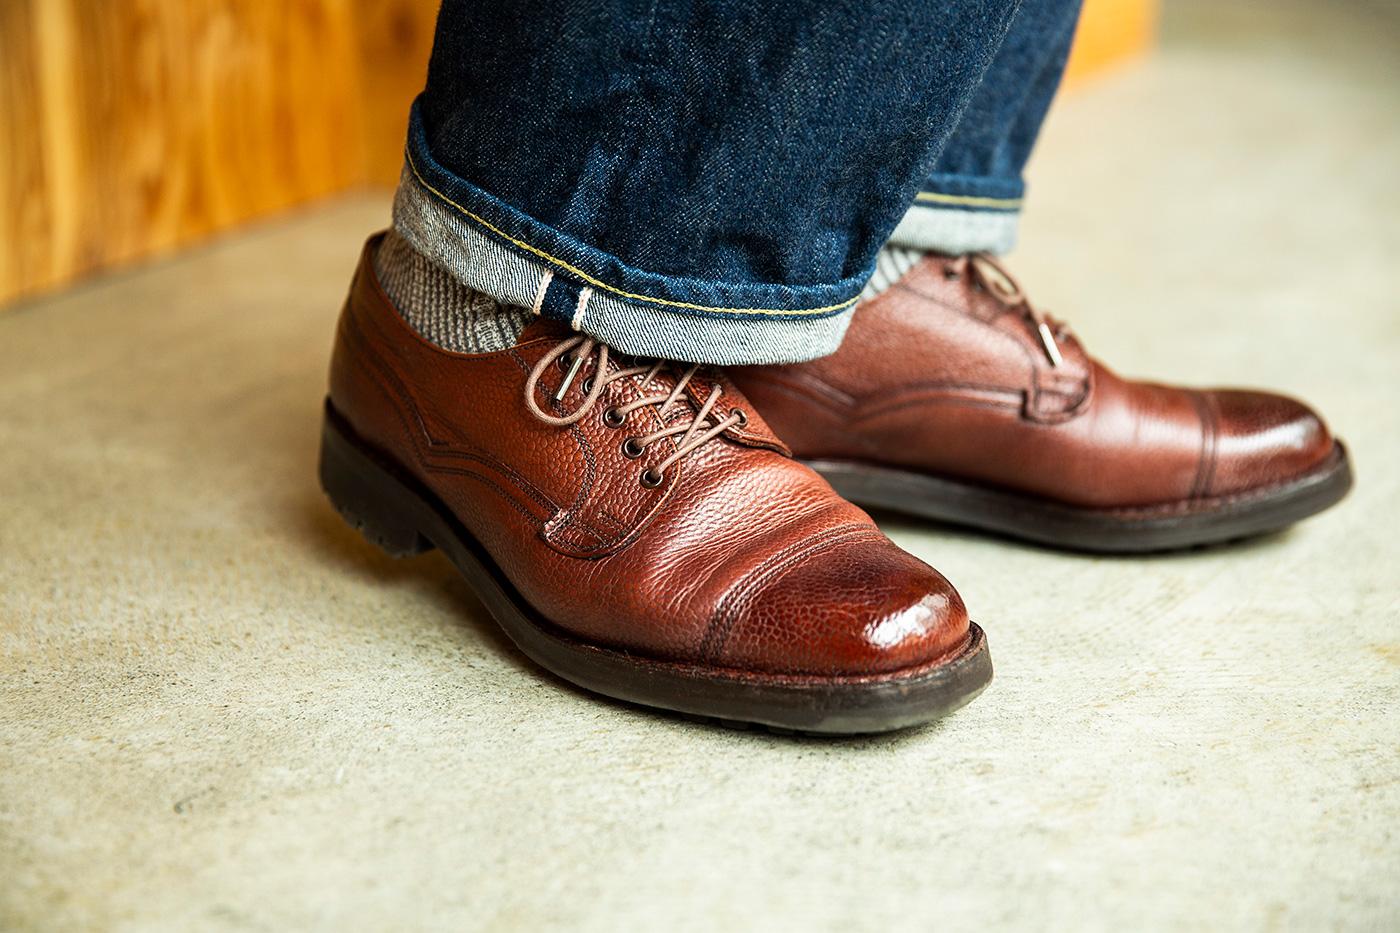 靴磨き系YouTuberの価値観を変えた、ミリタリーシューズ。 靴磨き芸人 奥野 奏